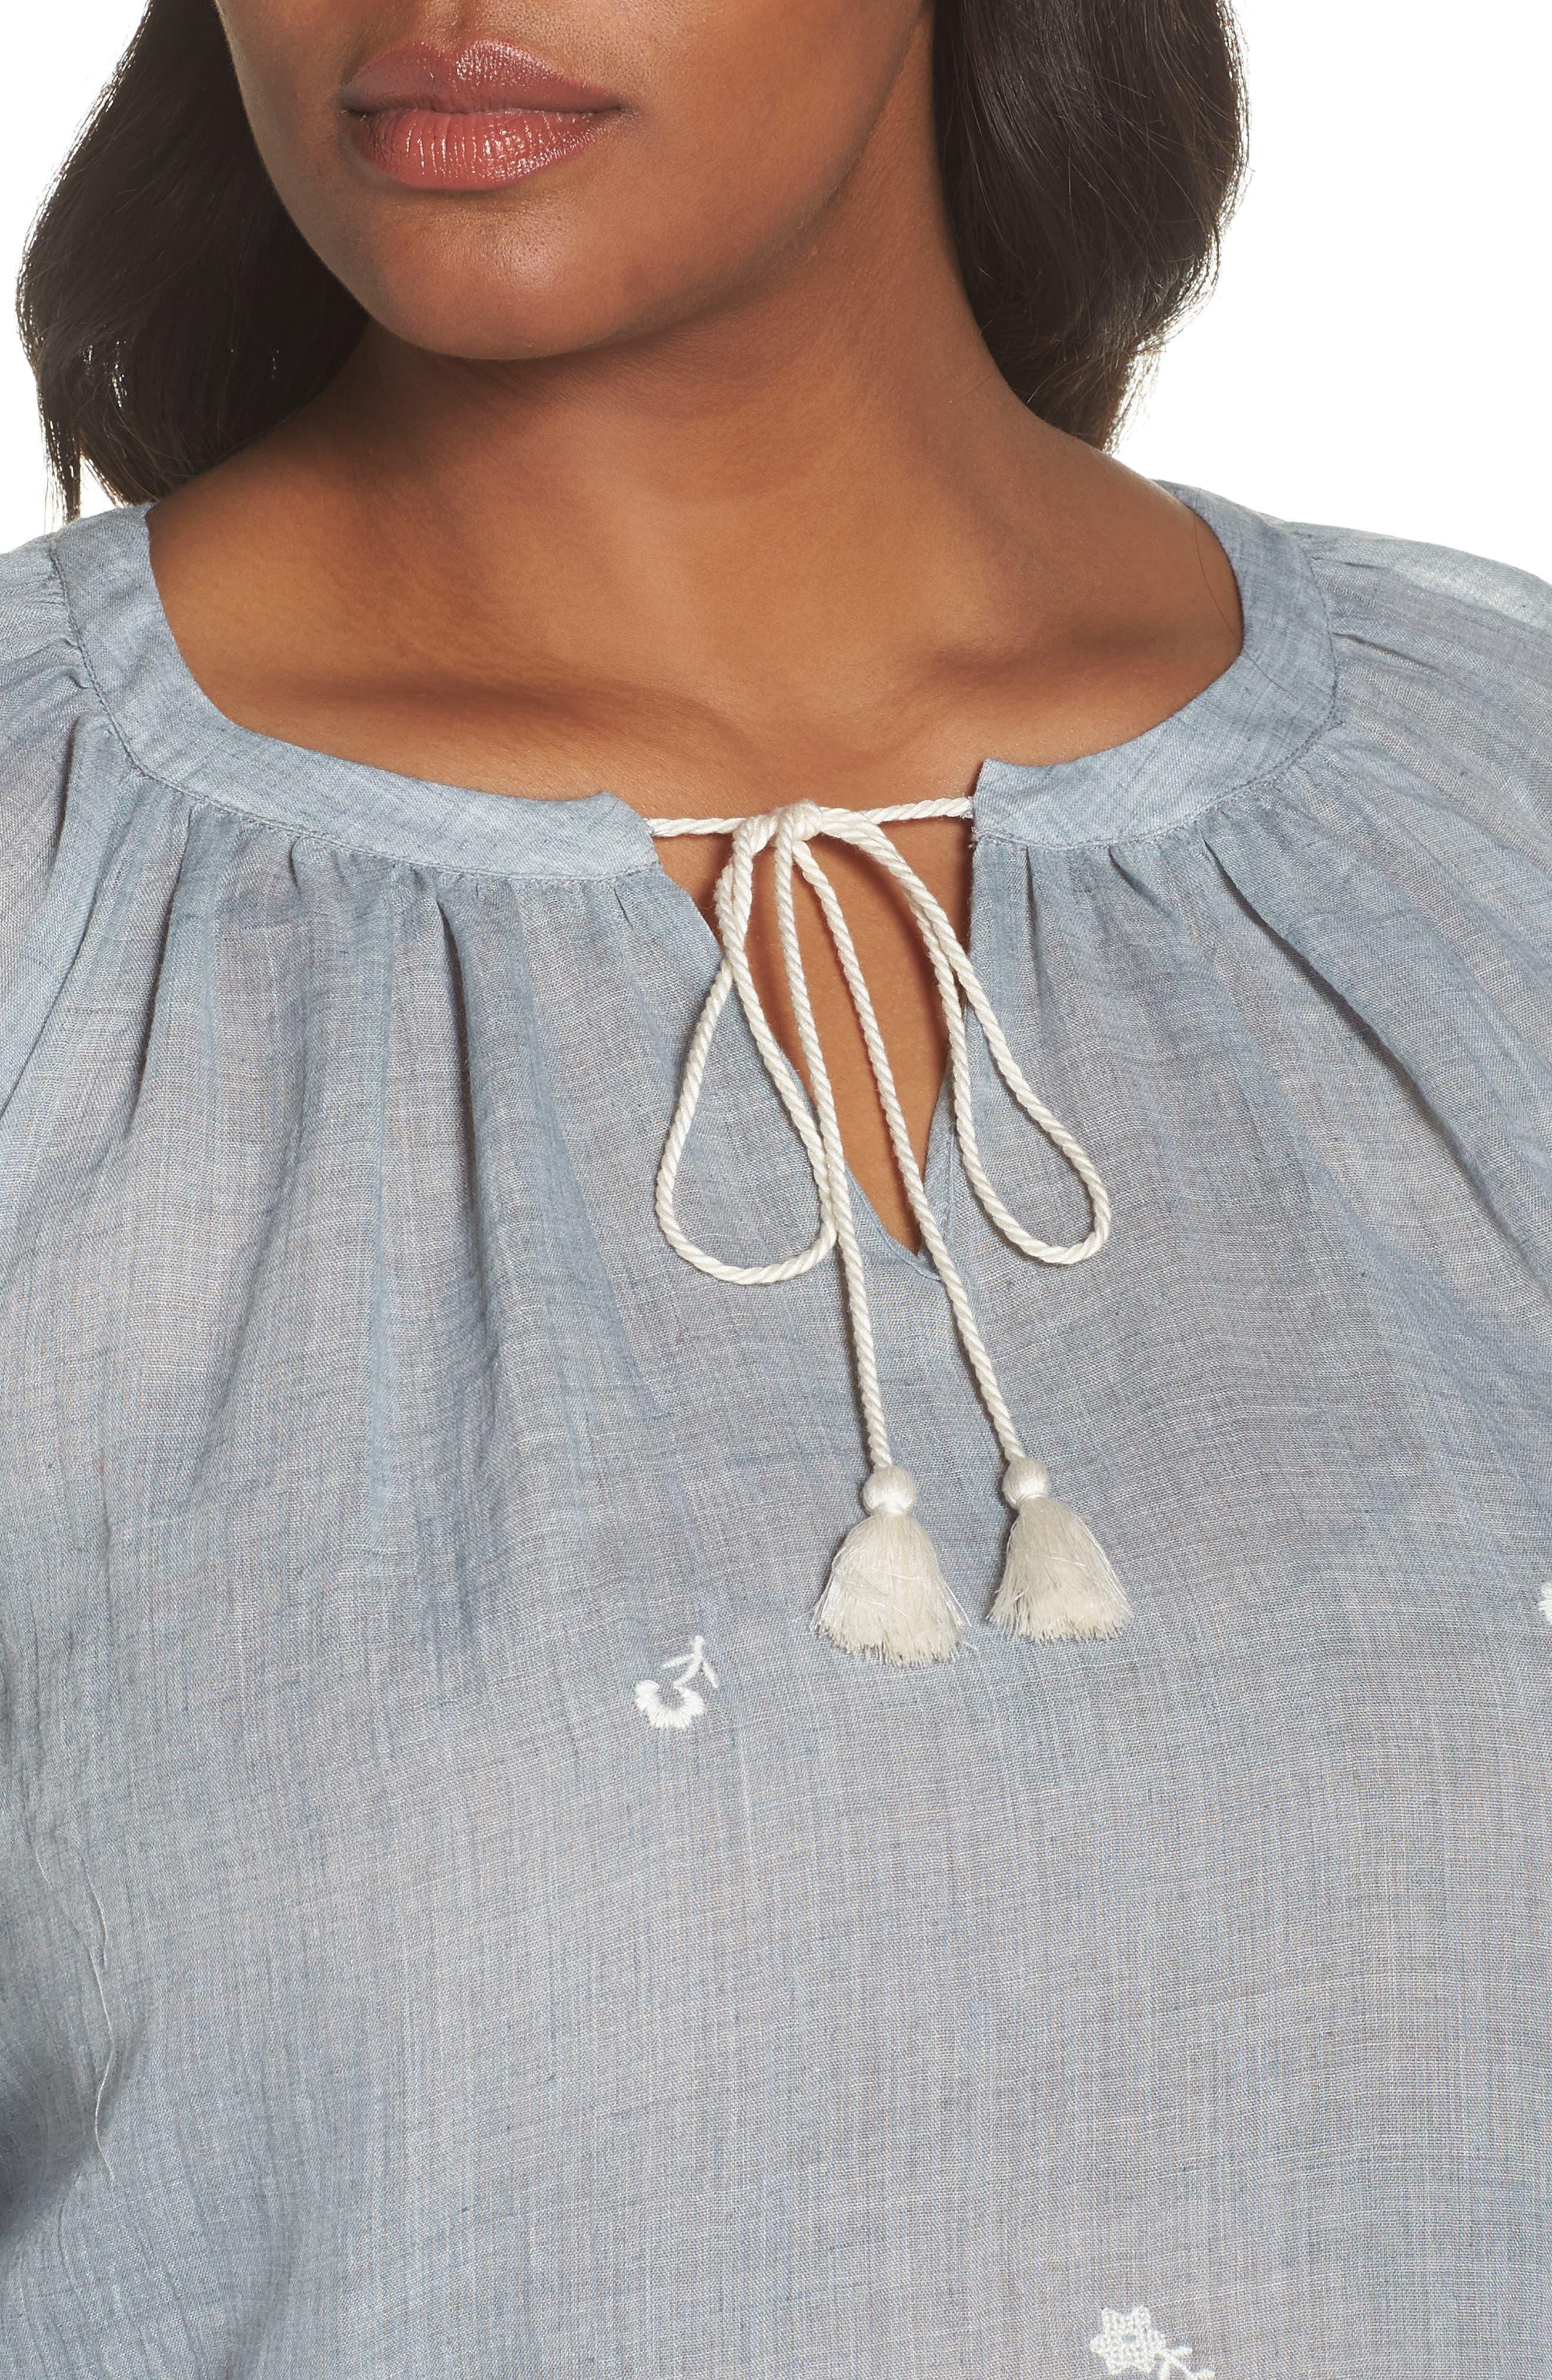 Melange Needlepoint Gauze Peasant Blouse,                             Alternate thumbnail 4, color,                             INDIGO NIGHT HTHR